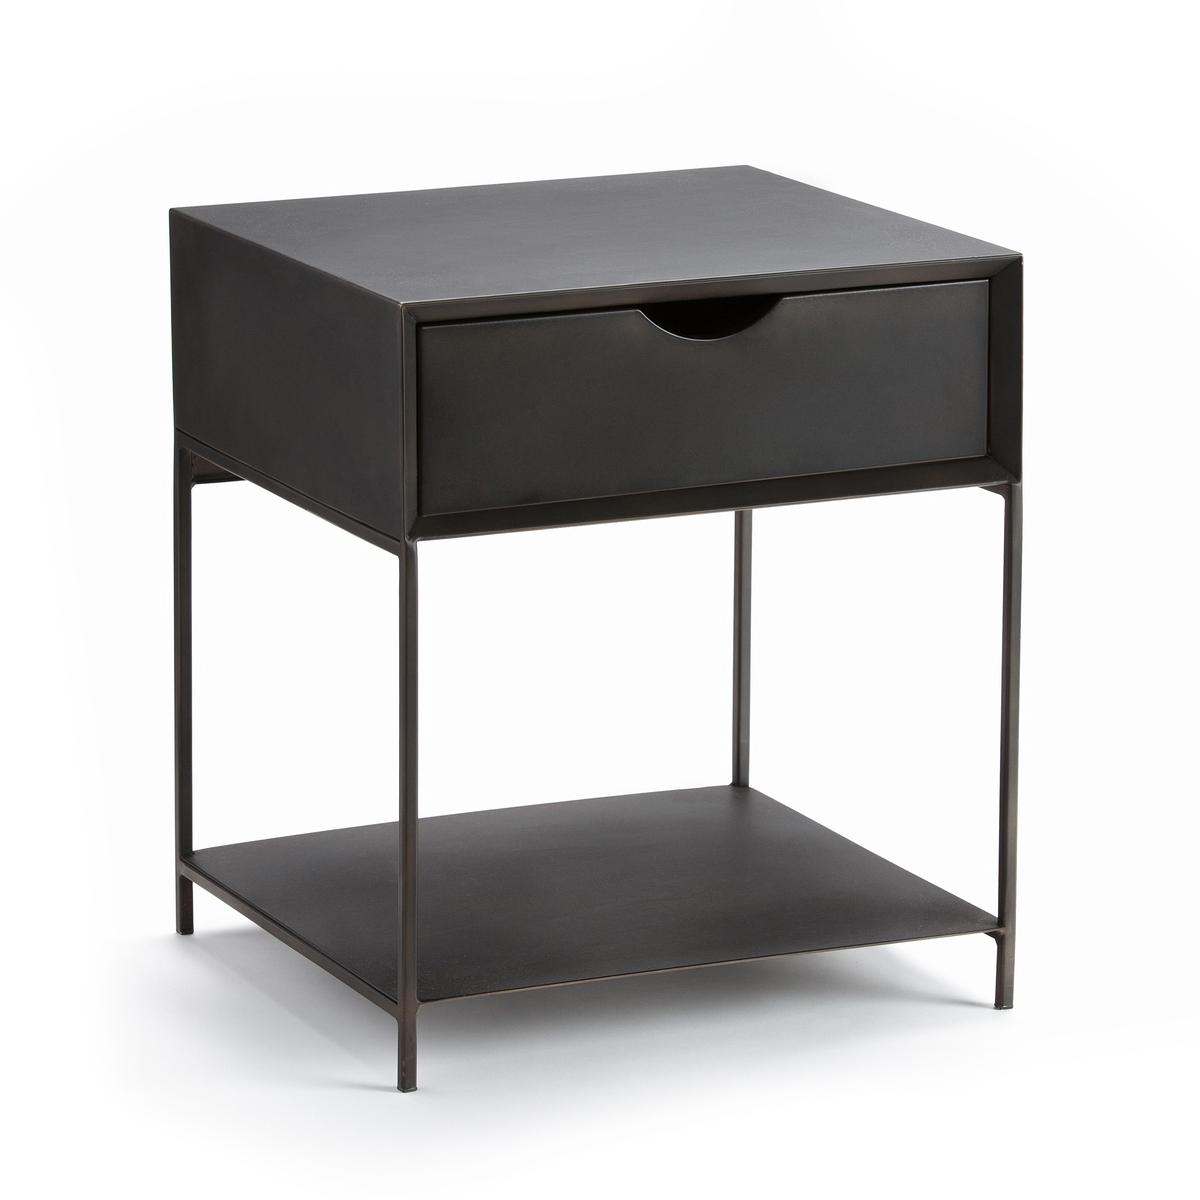 Столик прикроватный из металла, Mambo столик прикроватный asayo